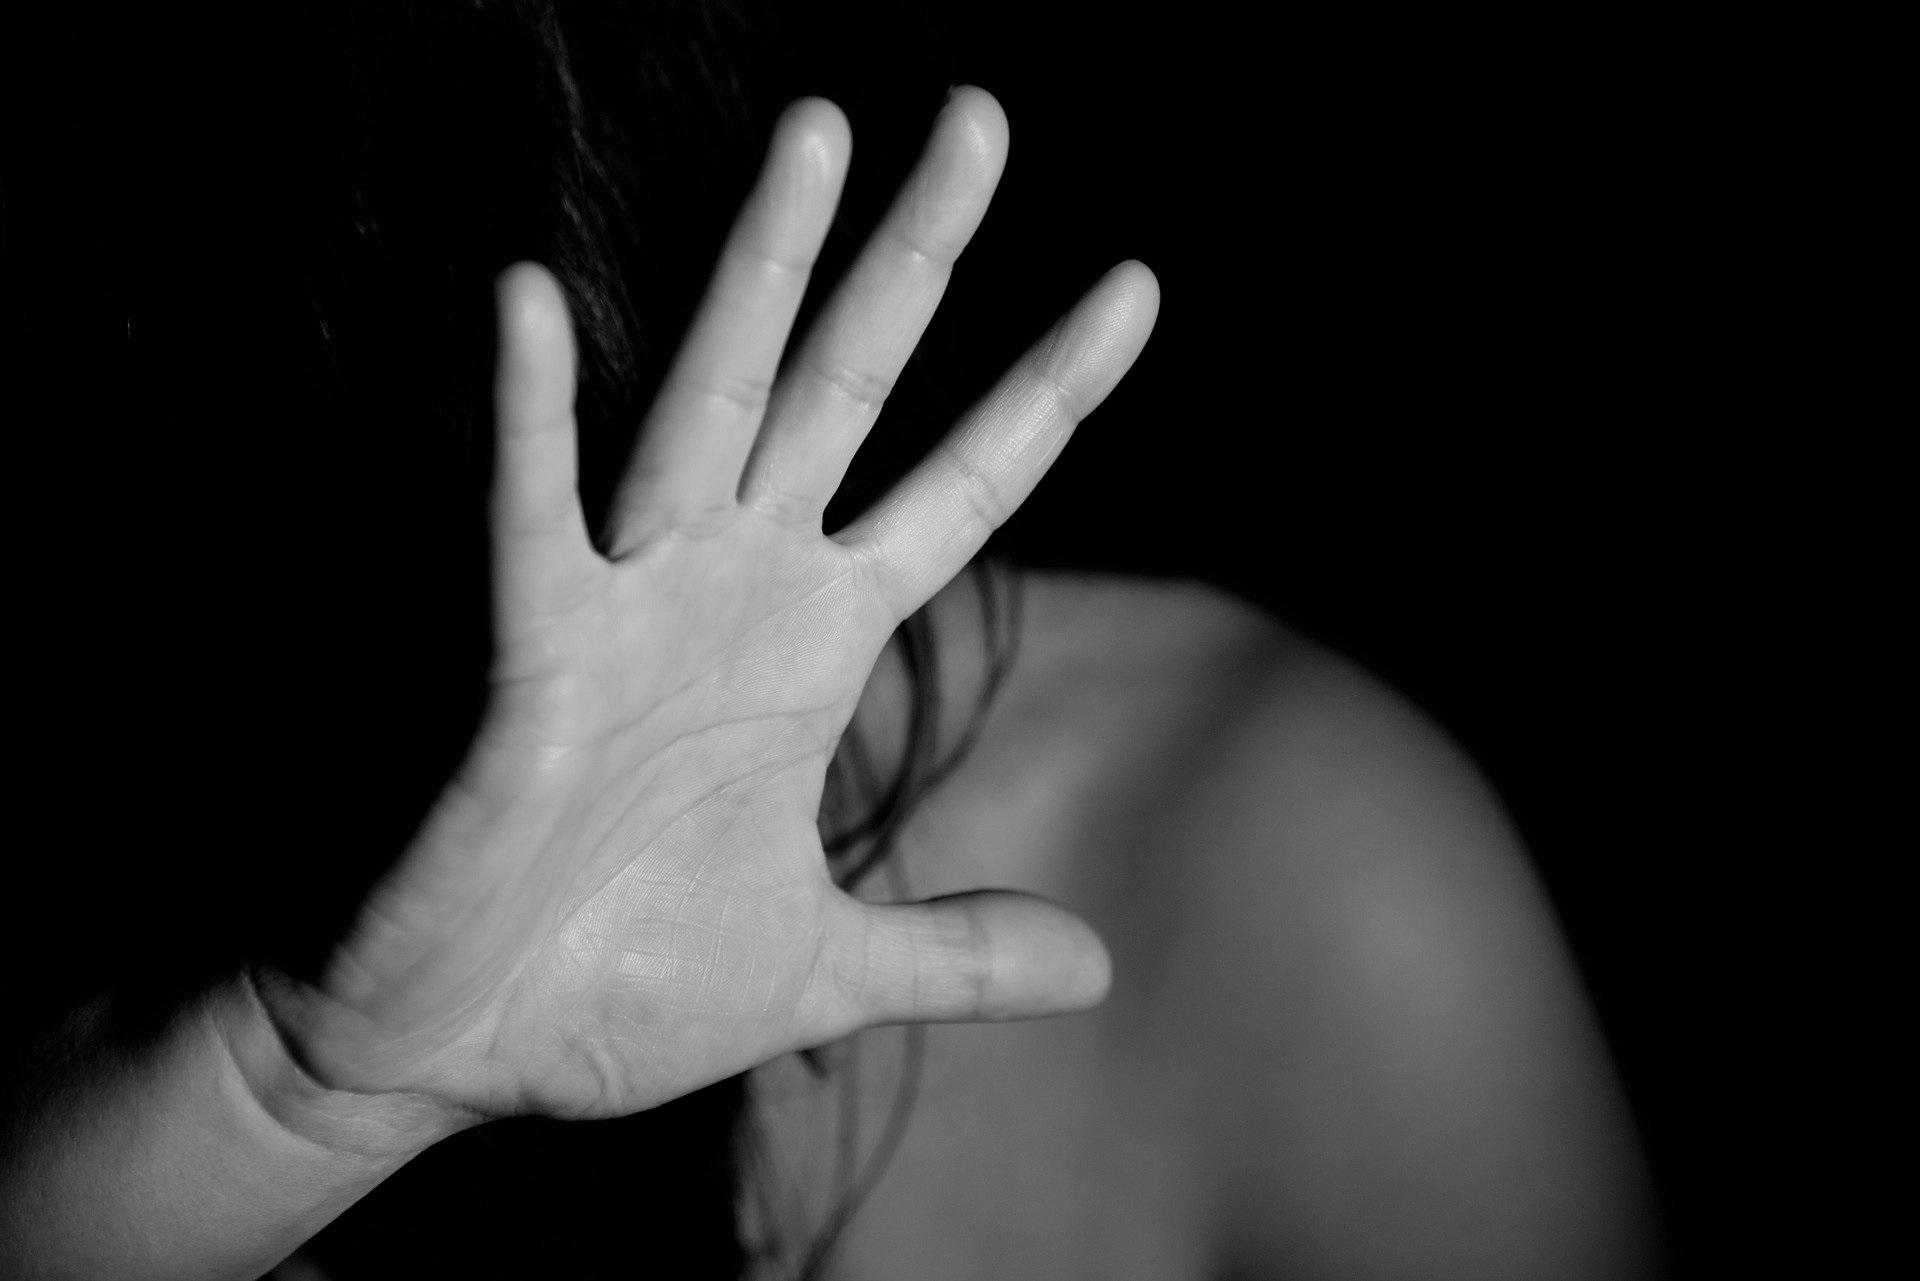 Gruppenvergewaltigung durch Türken: Warum habt ihr das verschwiegen?